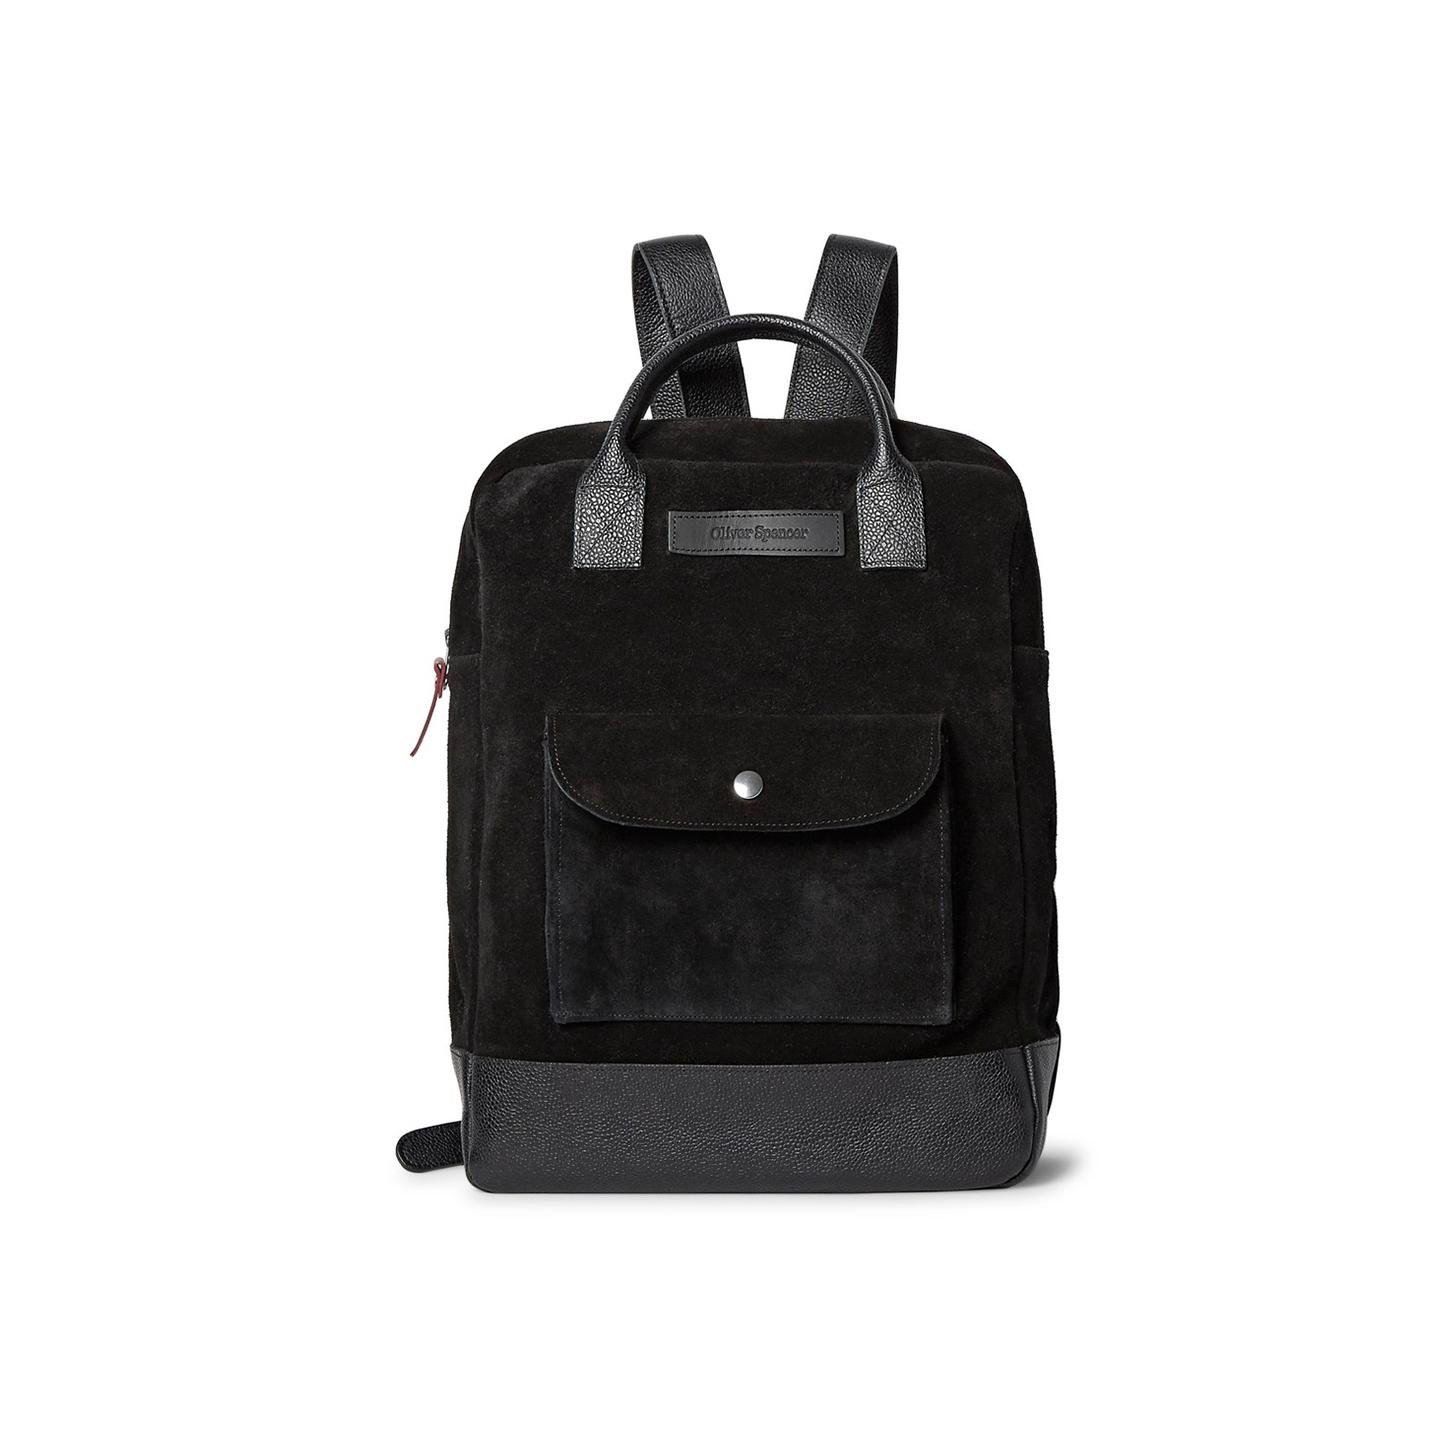 oliver spencer backpack-square